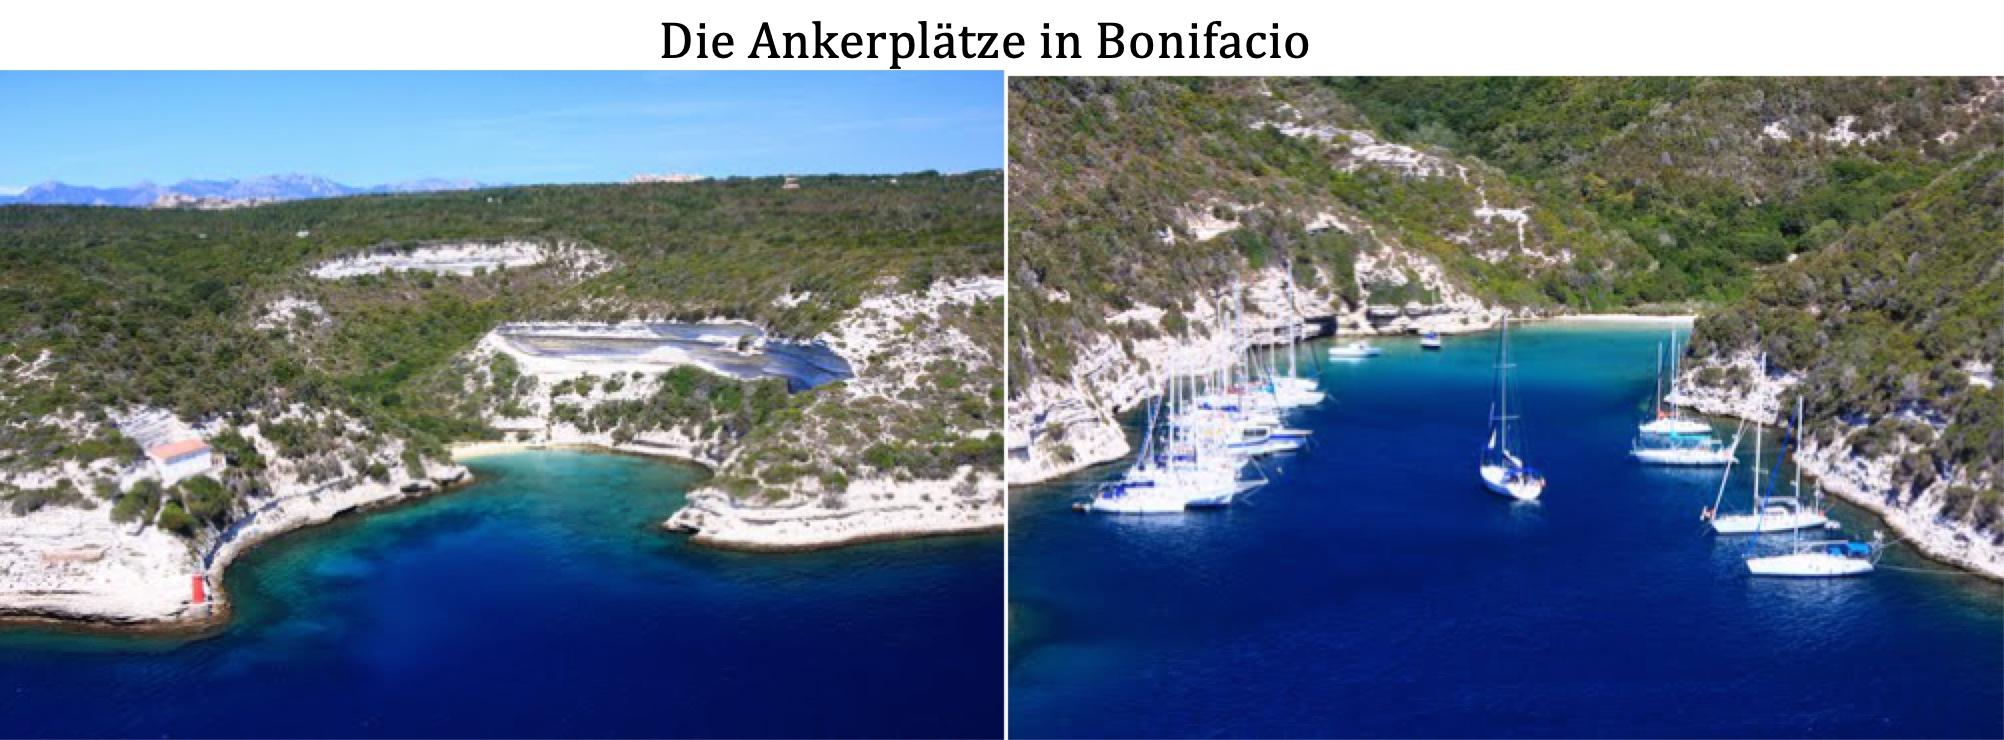 Ankerplatz Bonifacio